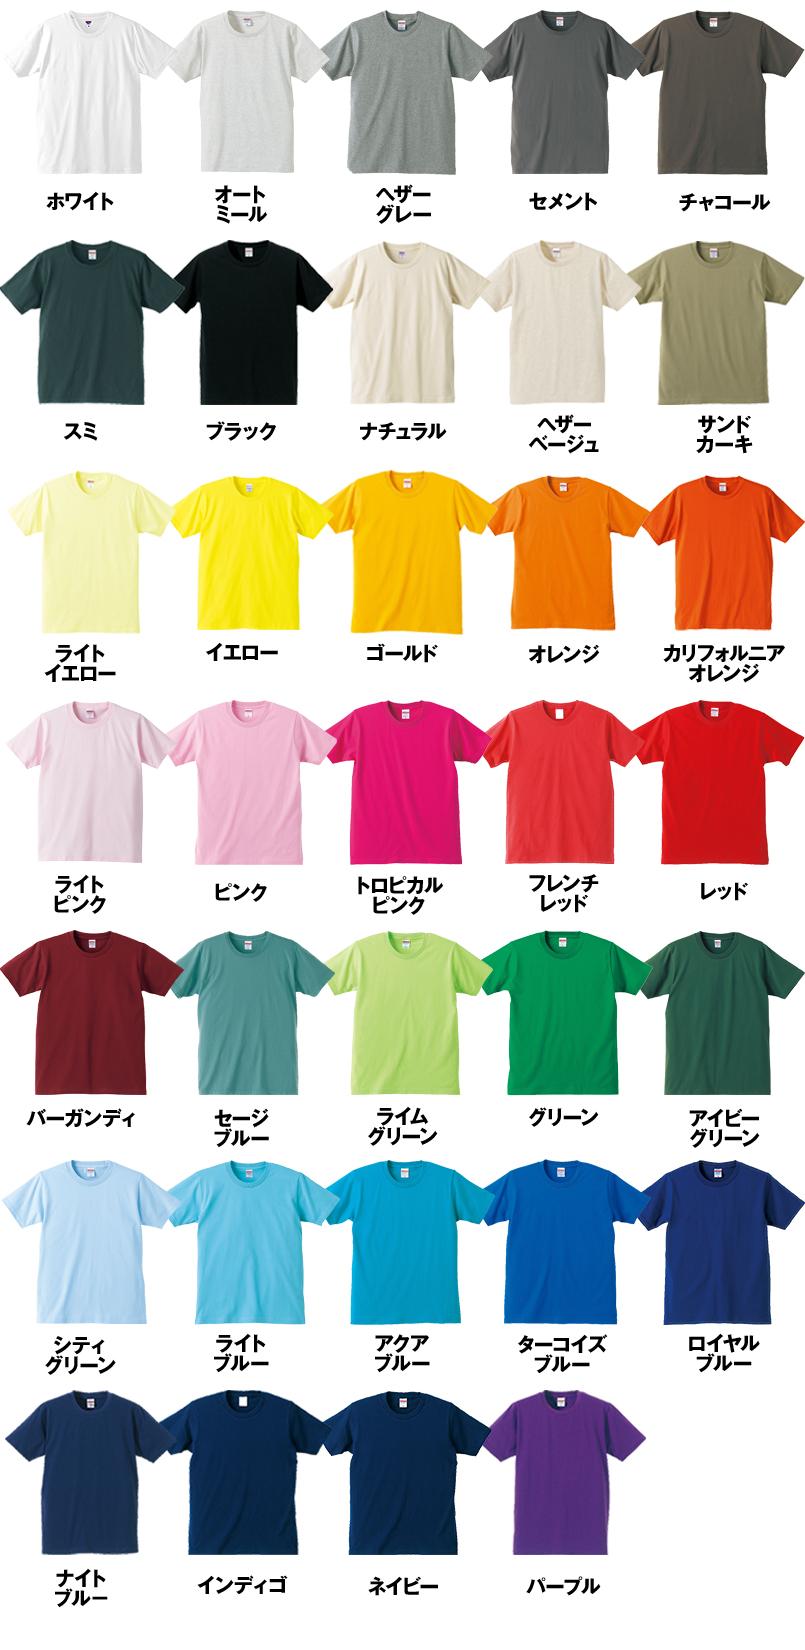 レギュラーフィットTシャツ(5.0オンス)(男女兼用) 色展開